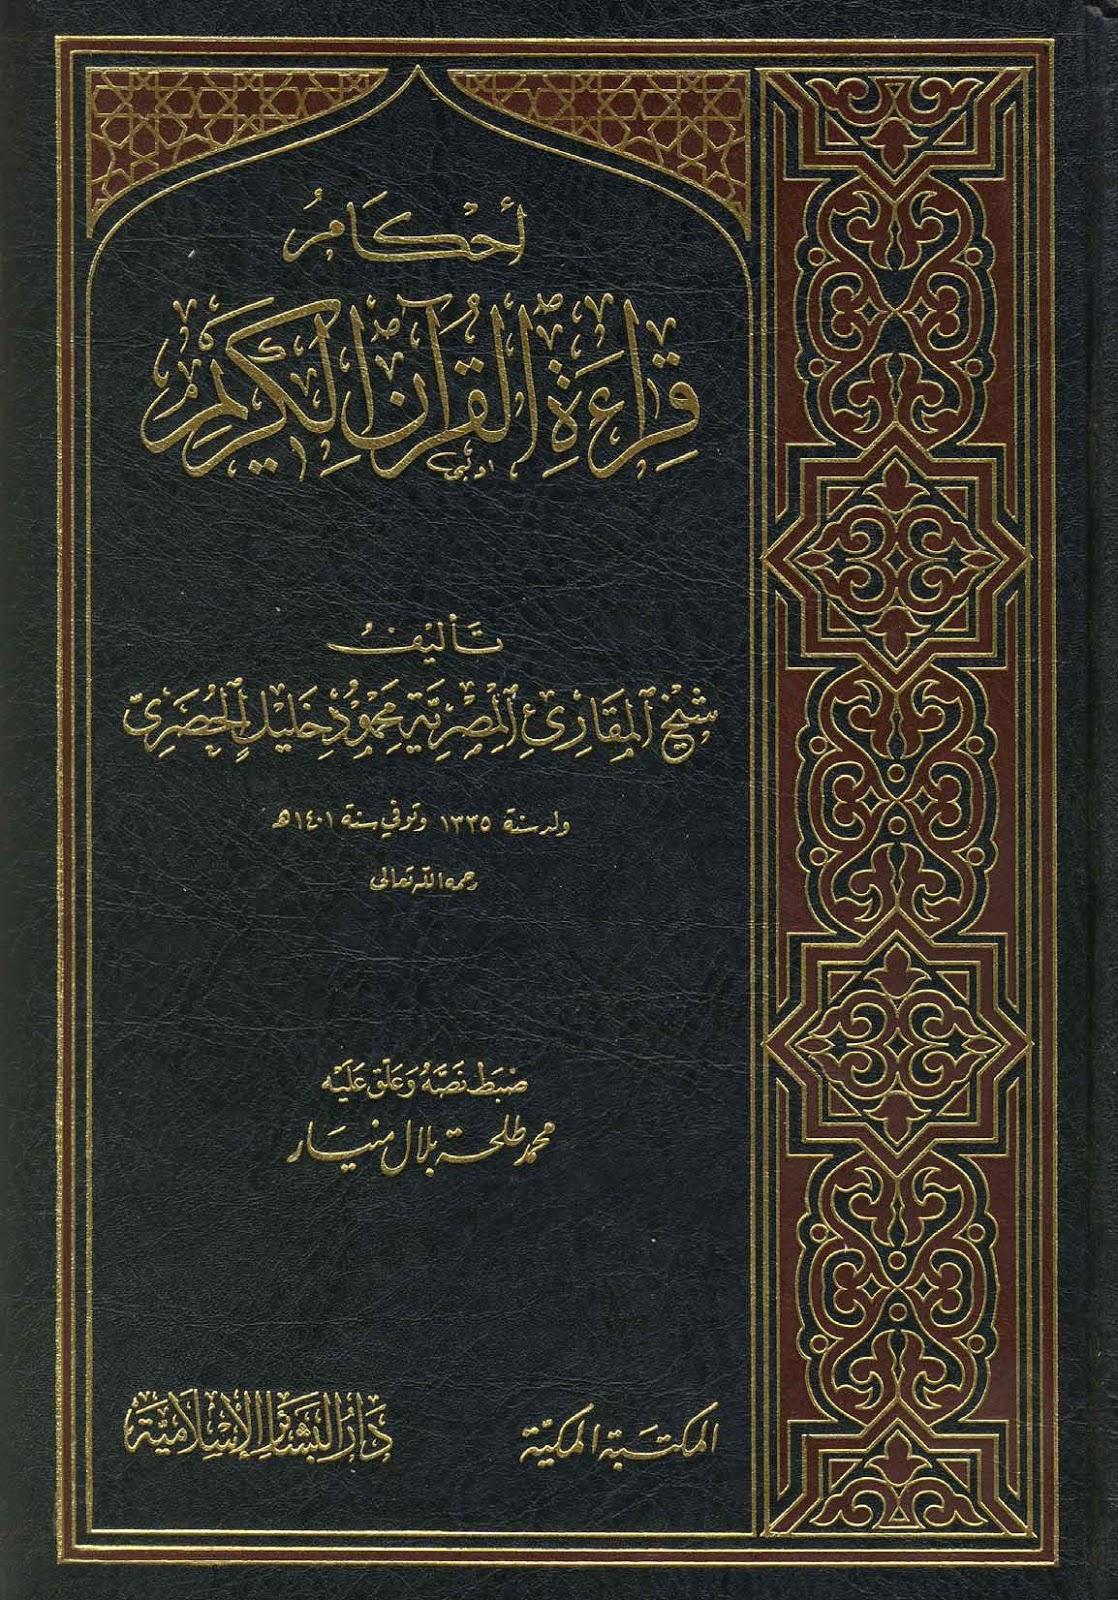 أحكام قراءة القرآن الكريم - محمود خليل الحصري pdf